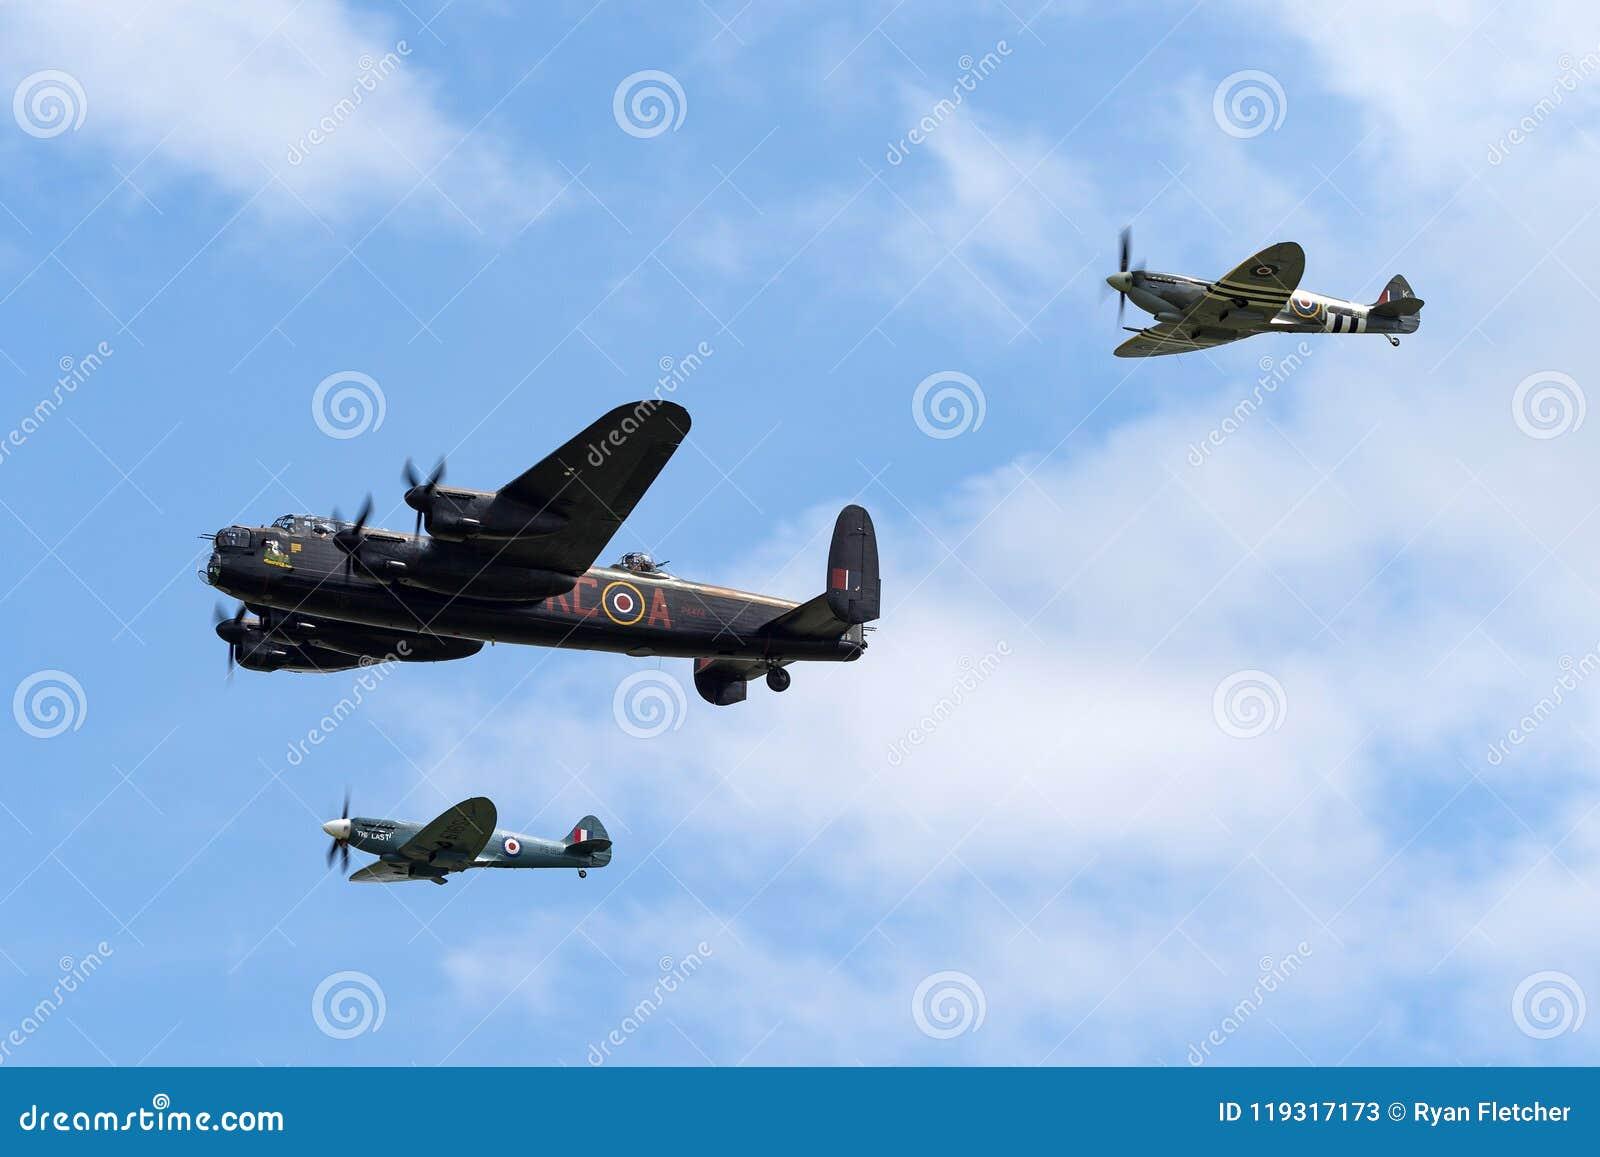 Royal Air Force Battle Of Britain Memorial Flight Avro